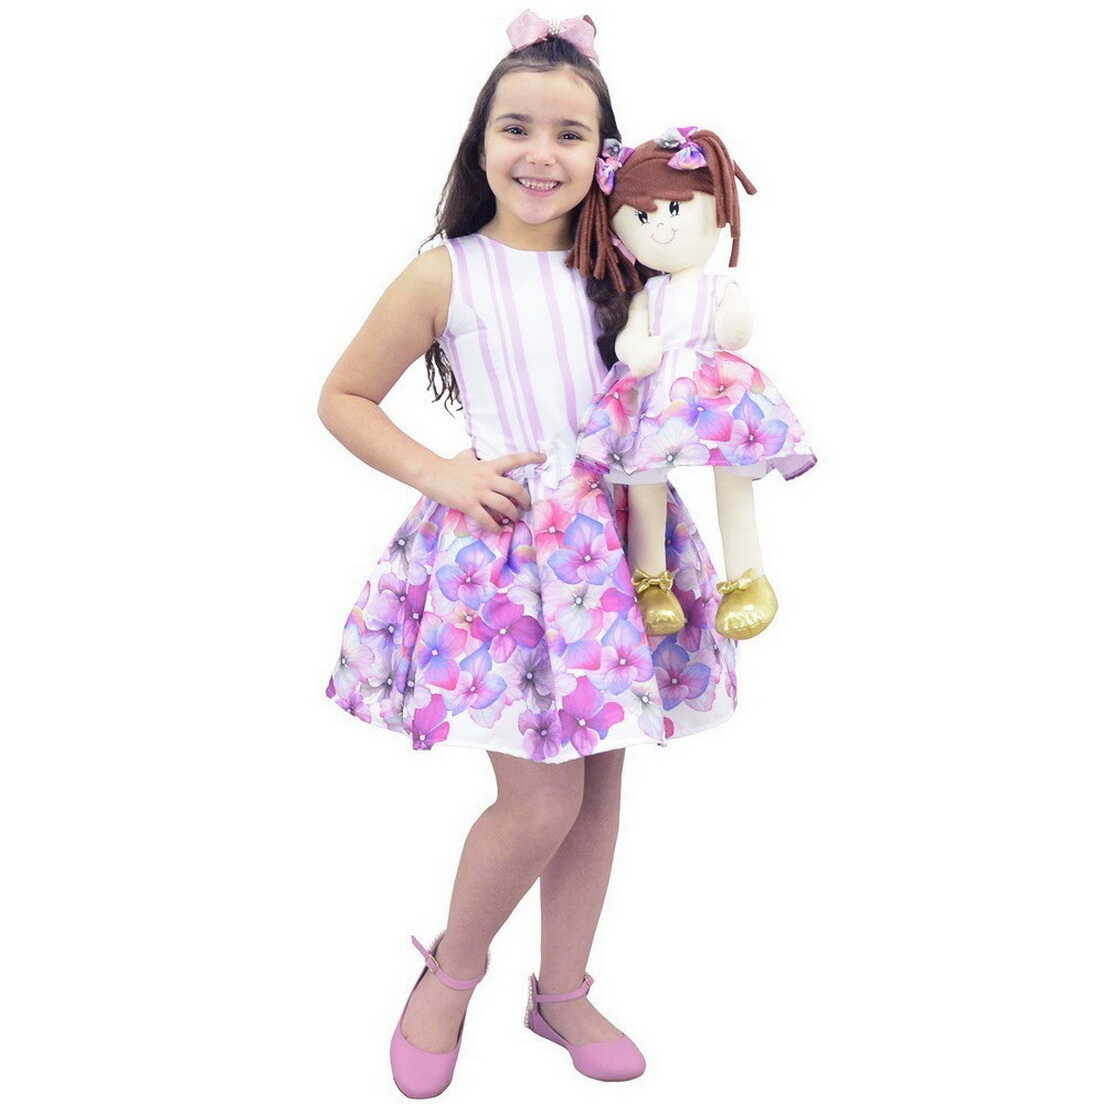 Tal Menina Tal Boneca - Vestido Floral Lilás e Boneca de Pano